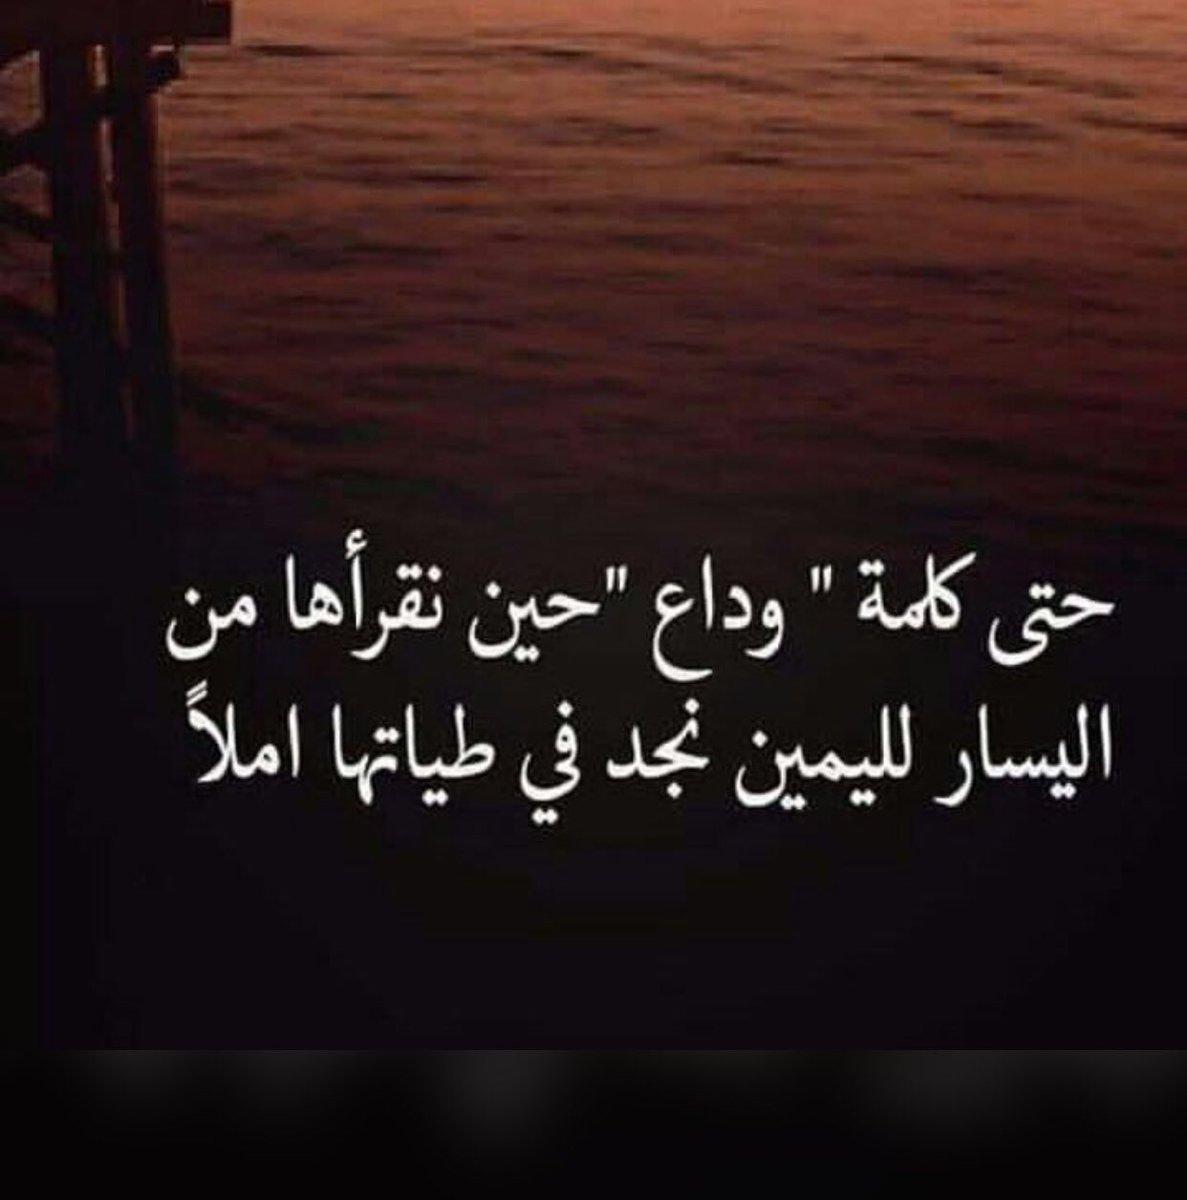 كلمات وداع حزينه عبارات فراق مؤثره كلام نسوان